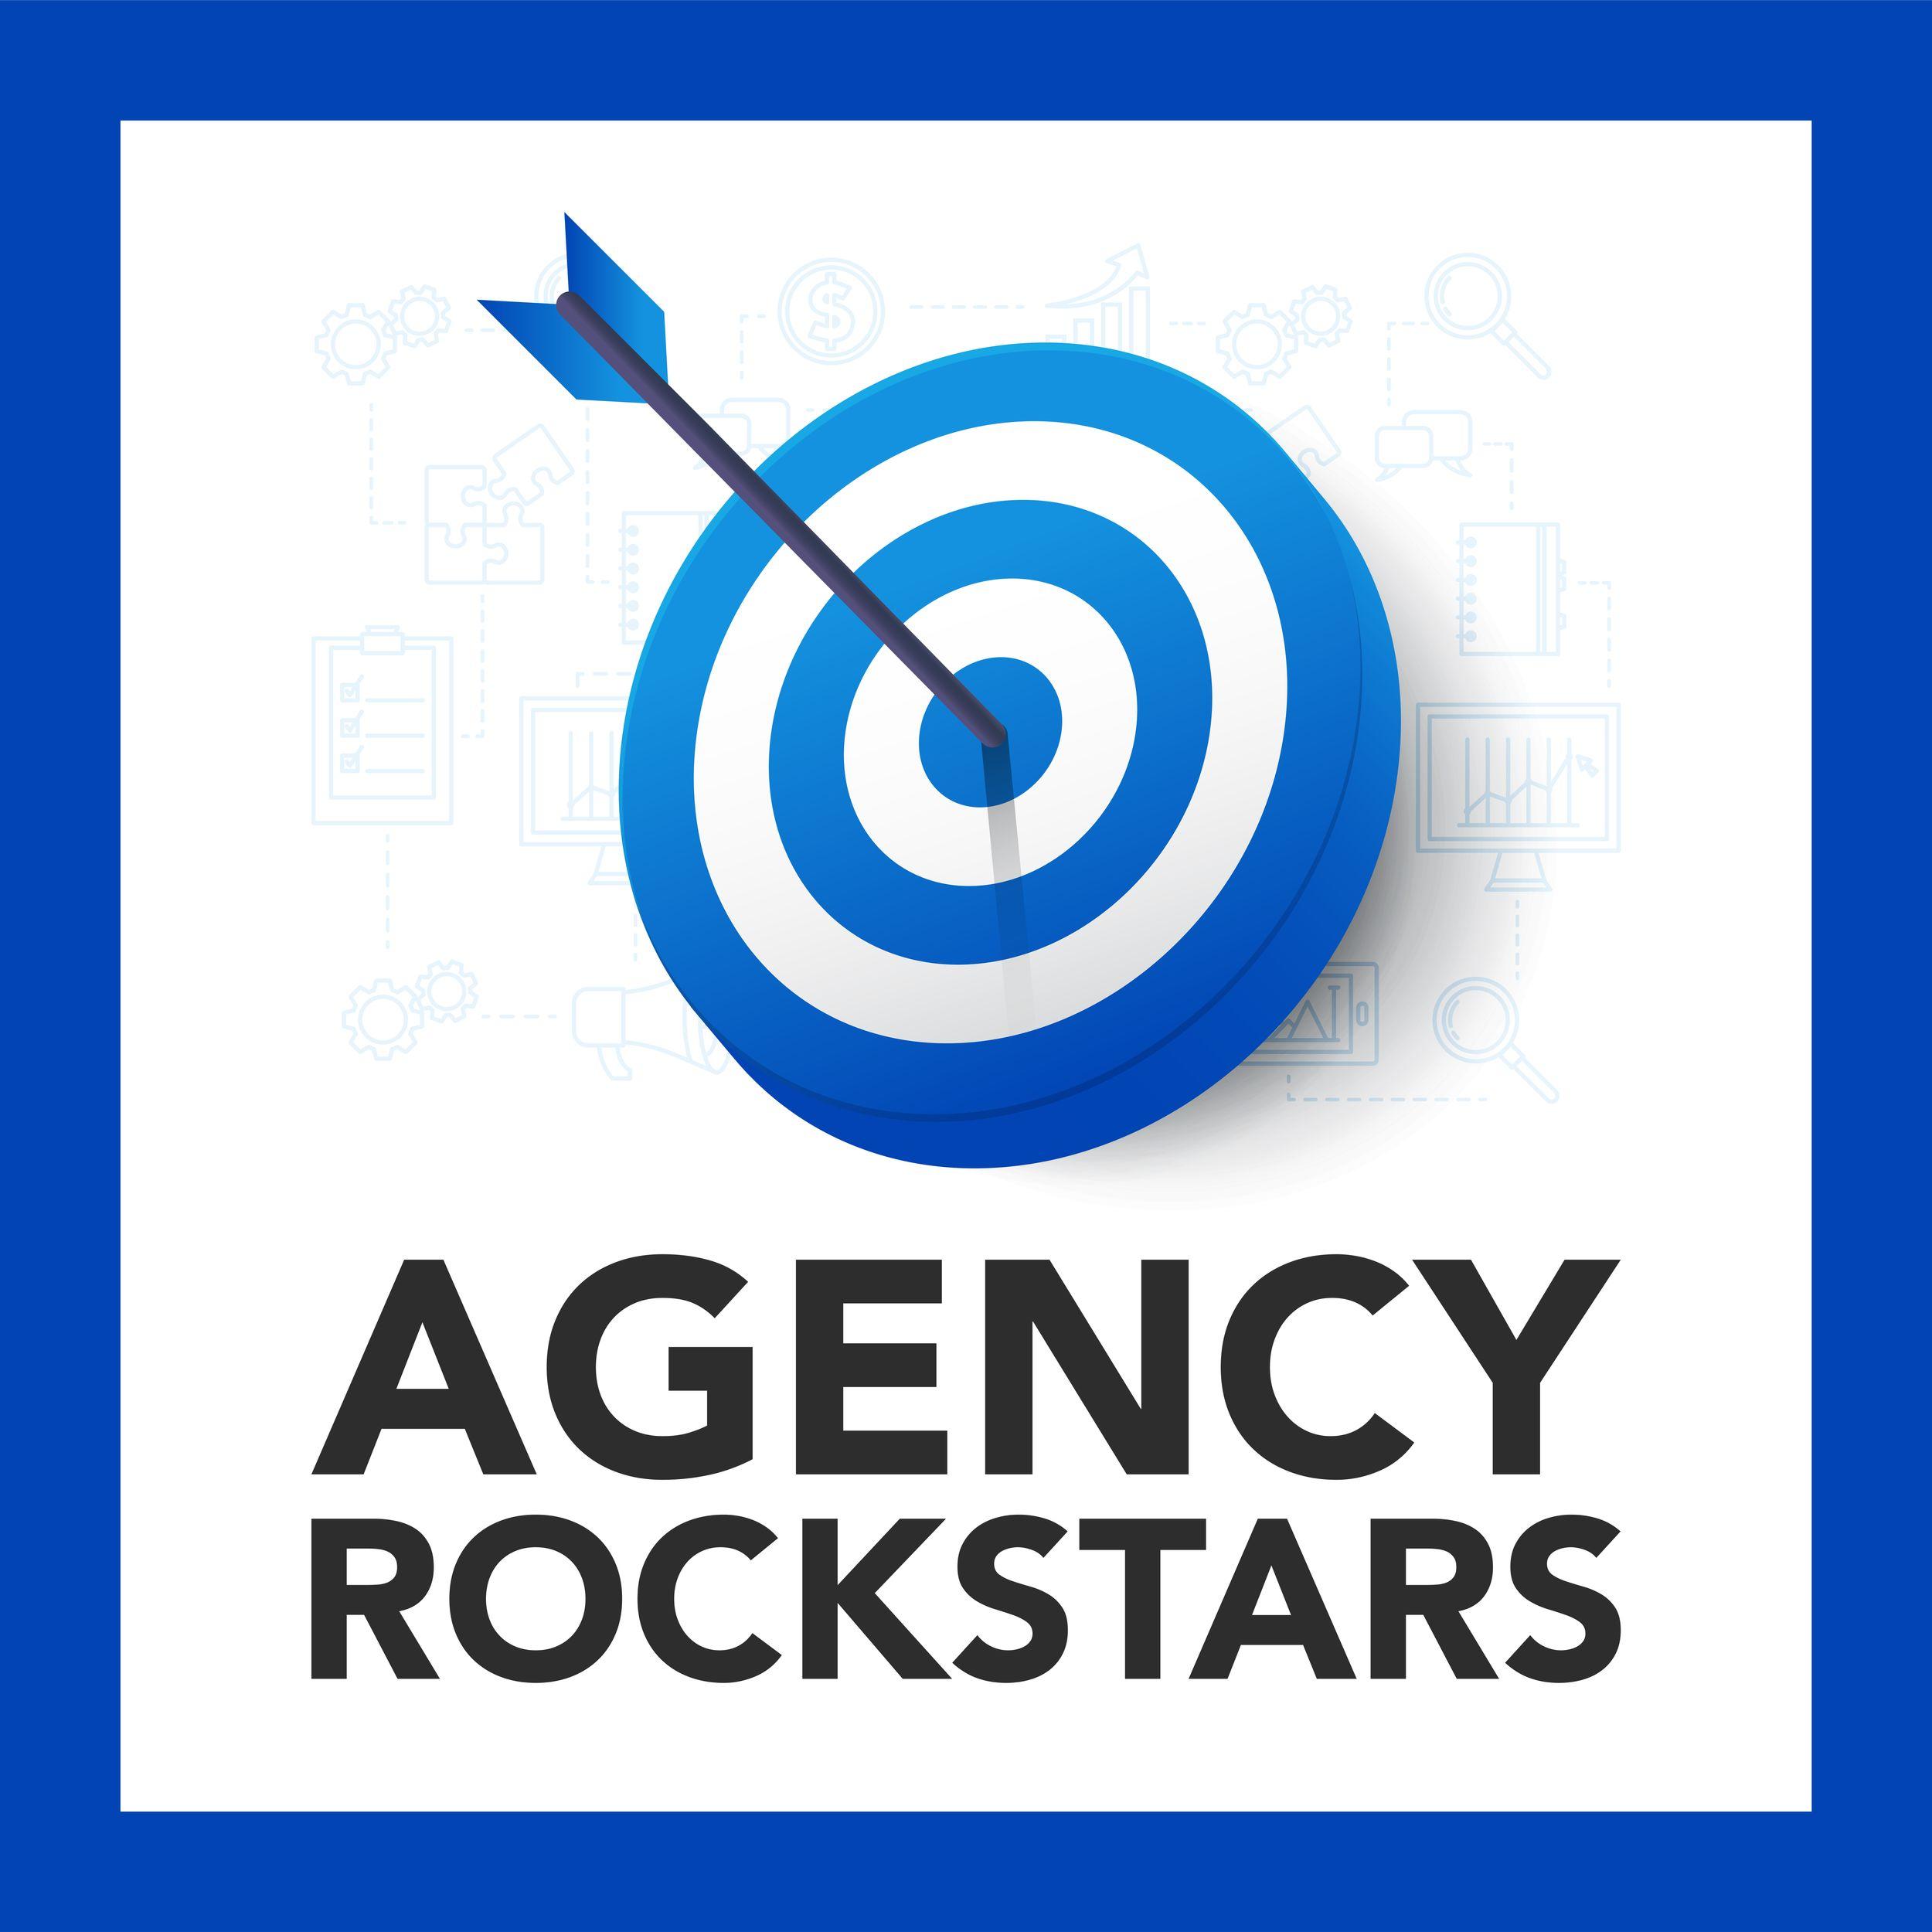 Artwork for podcast Agency Rockstars